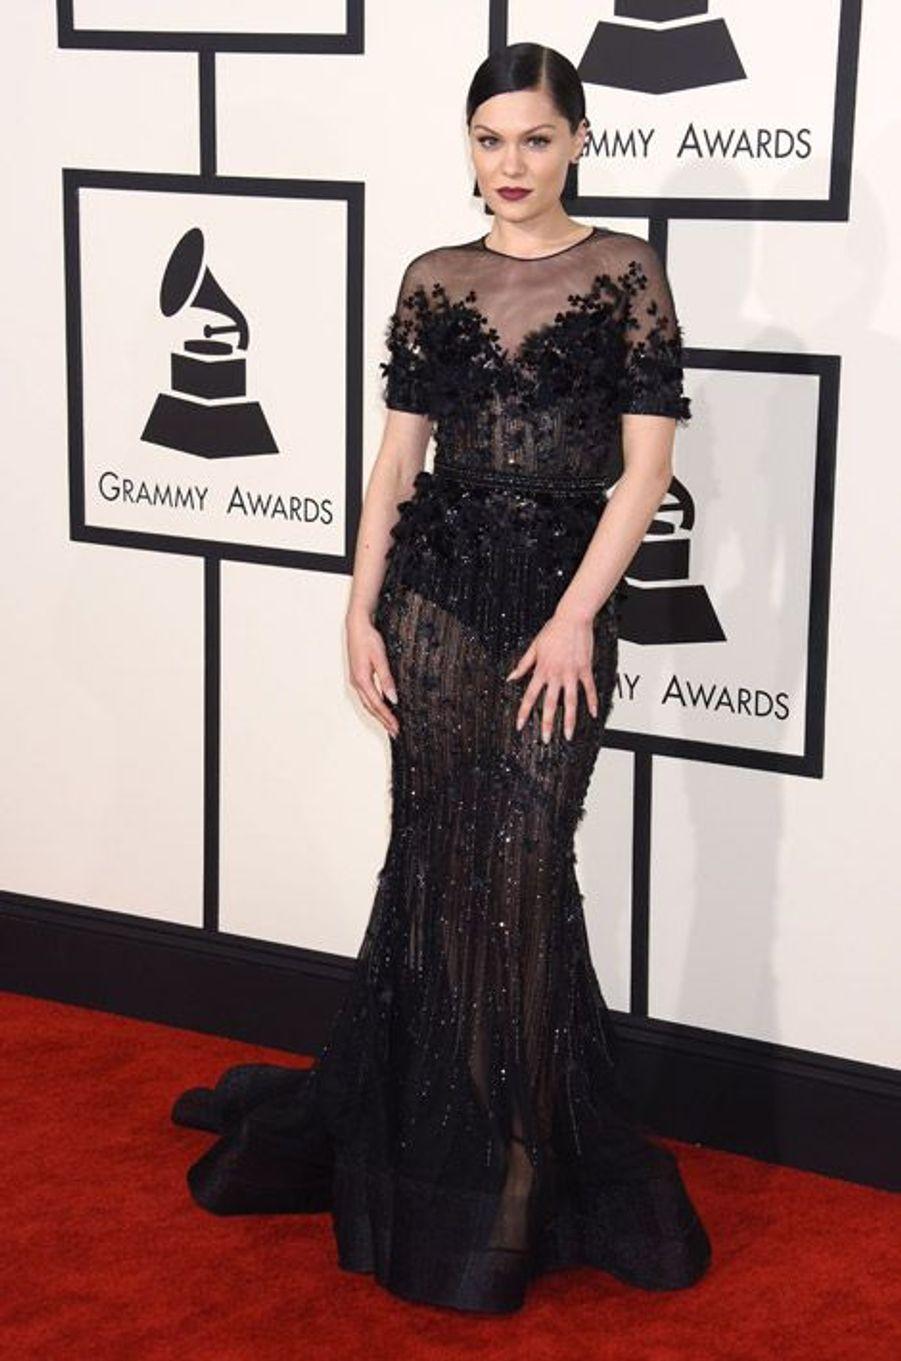 La chanteuse Jessie J en Ralph & Russo lors de la cérémonie des Grammy Awards à Los Angeles, le 8 février 2015